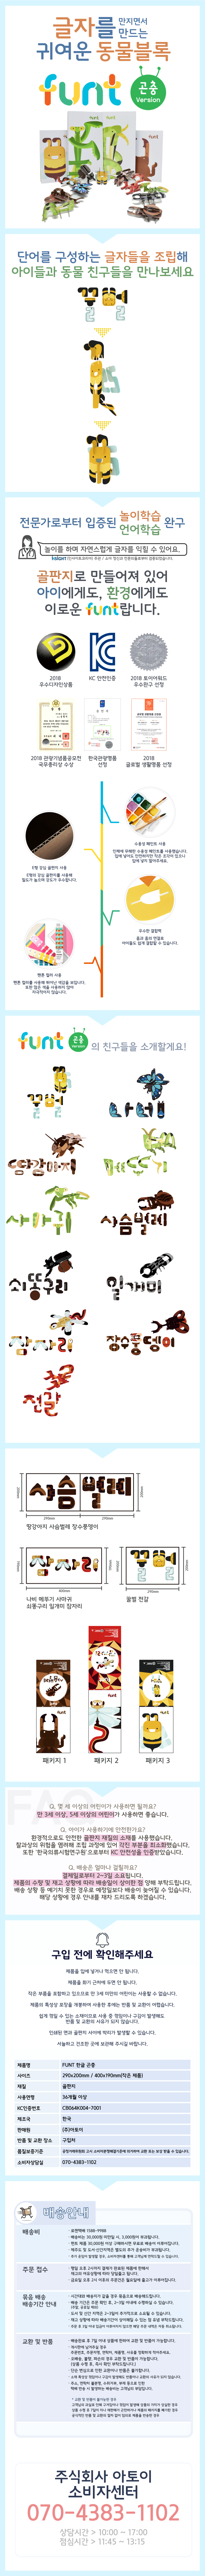 <유아 및 아동용 완구, 장난감, 퍼즐, 블록> 펀트 한글 곤충 제품